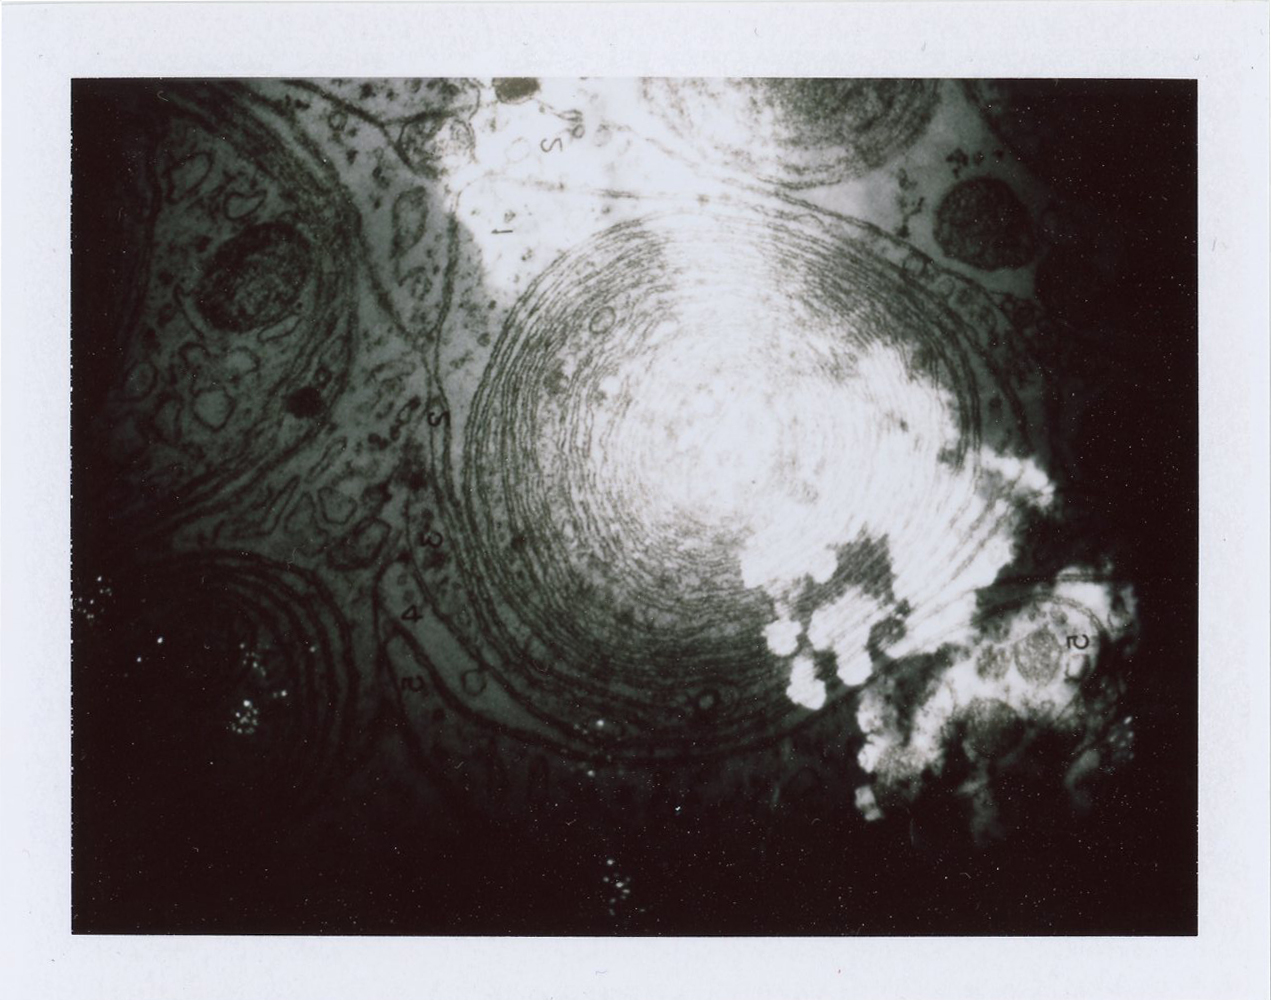 Sandwiched Slides (Fireworks & Cells), 2019